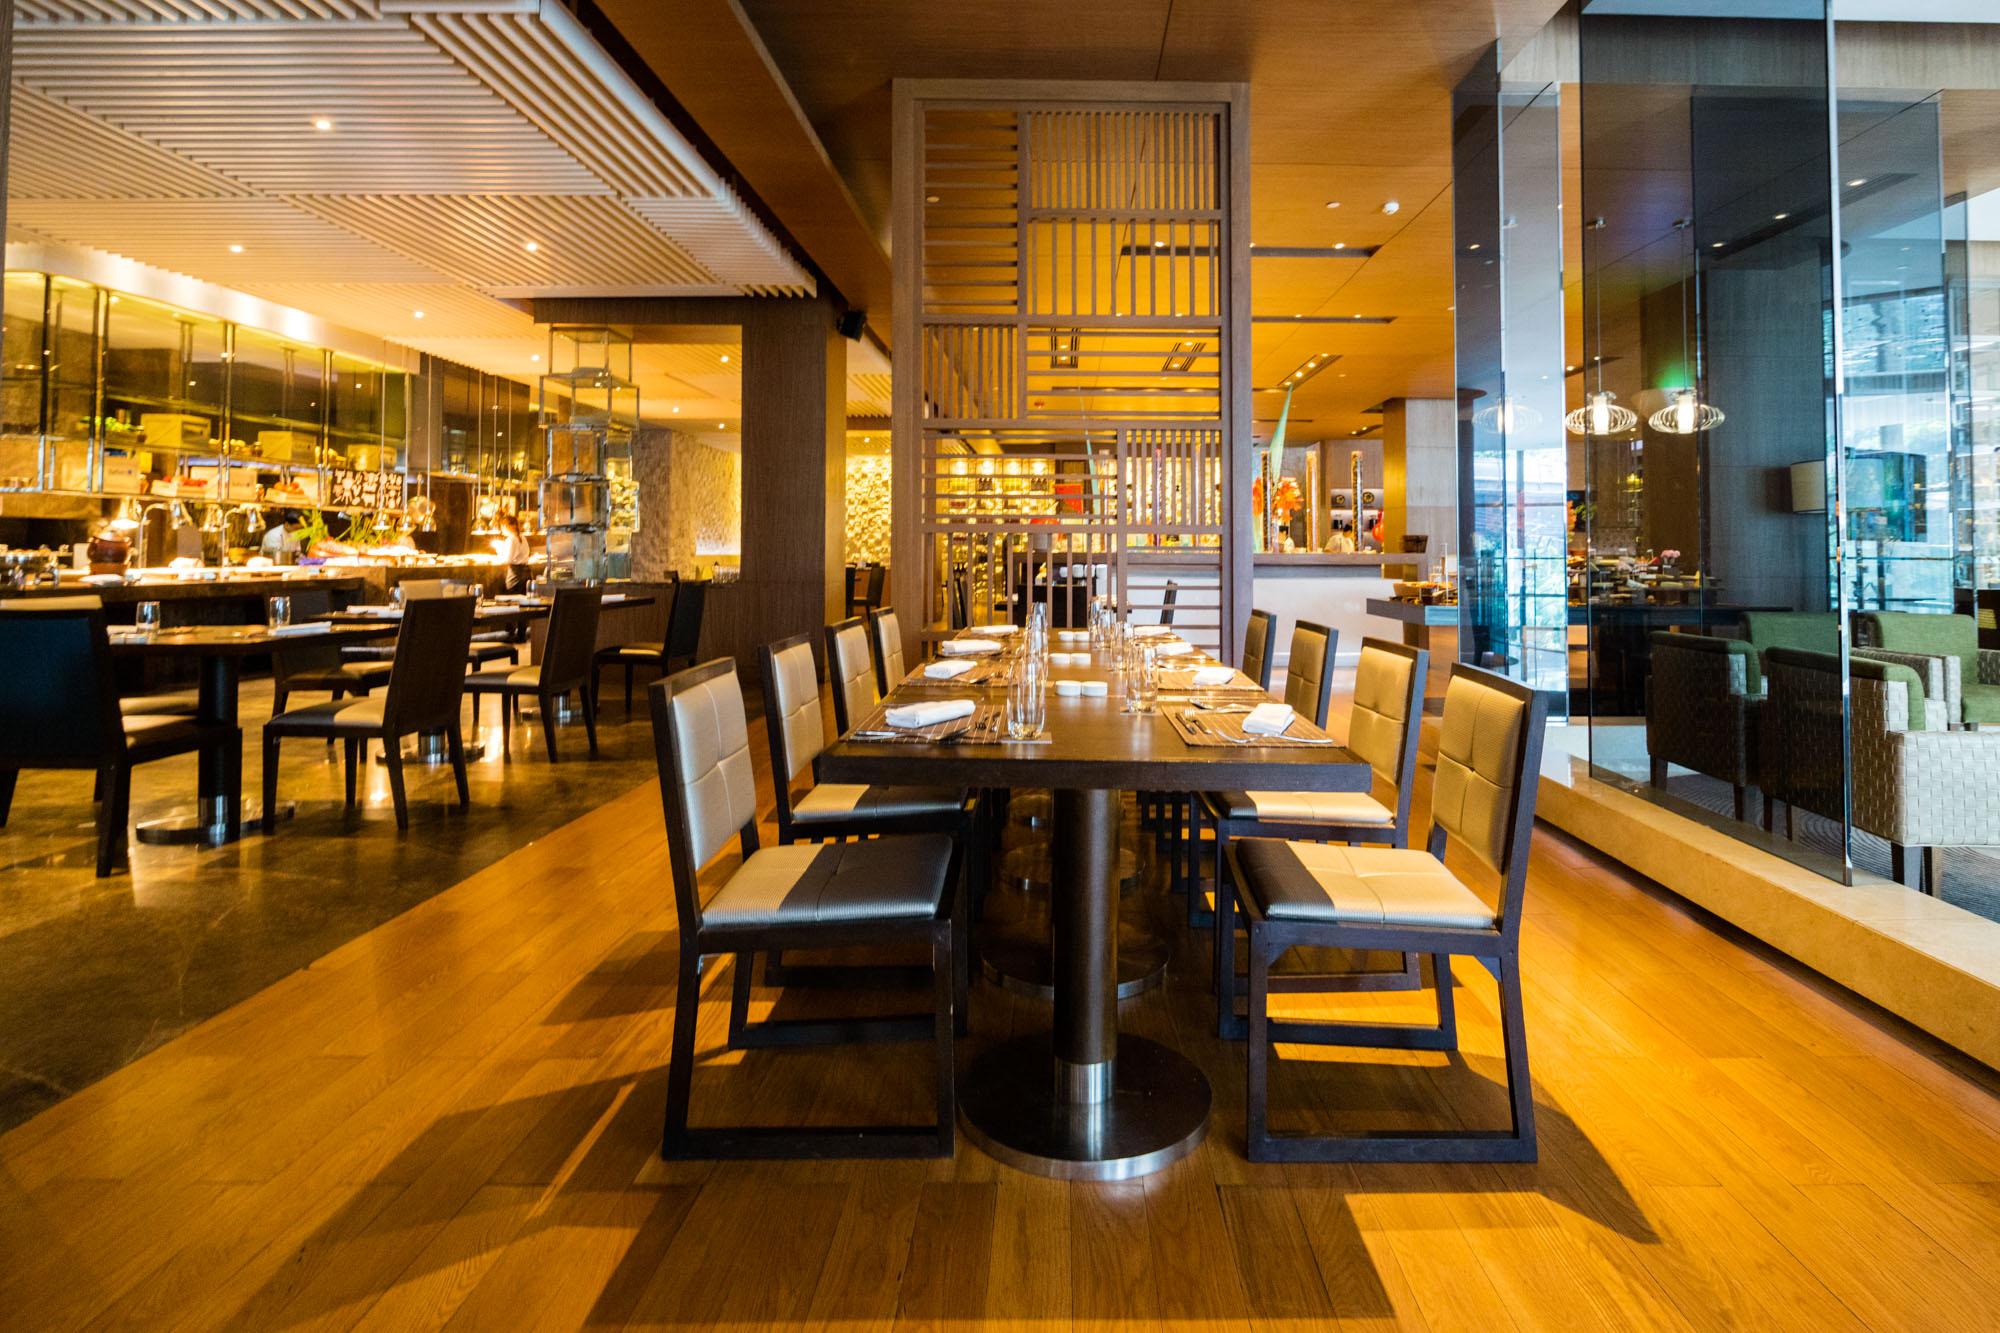 บุฟเฟ่ต์ Big Blu Sunday Brunch ห้องอาหาร Twenty-Seven Bites โรงแรม Radisson Blu Plaza Bangkok  บุฟเฟ่ต์ Big Blu Sunday Brunch ห้องอาหาร Twenty-Seven Bites โรงแรม Radisson Blu Plaza Bangkok IMG 5989